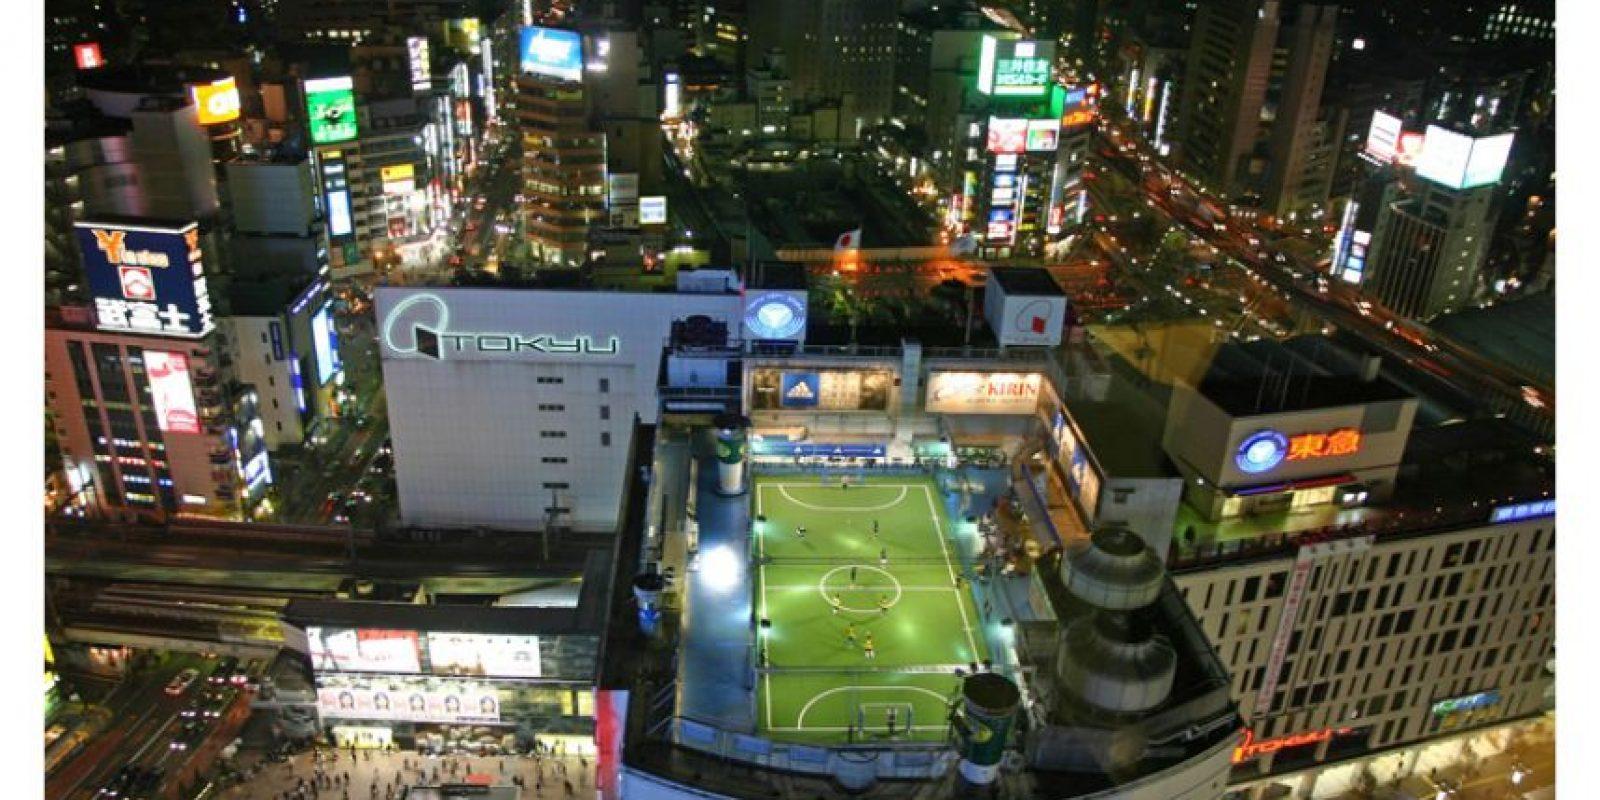 Fútbol, Rooftop, Tokyo Foto:Buzzfeed.com